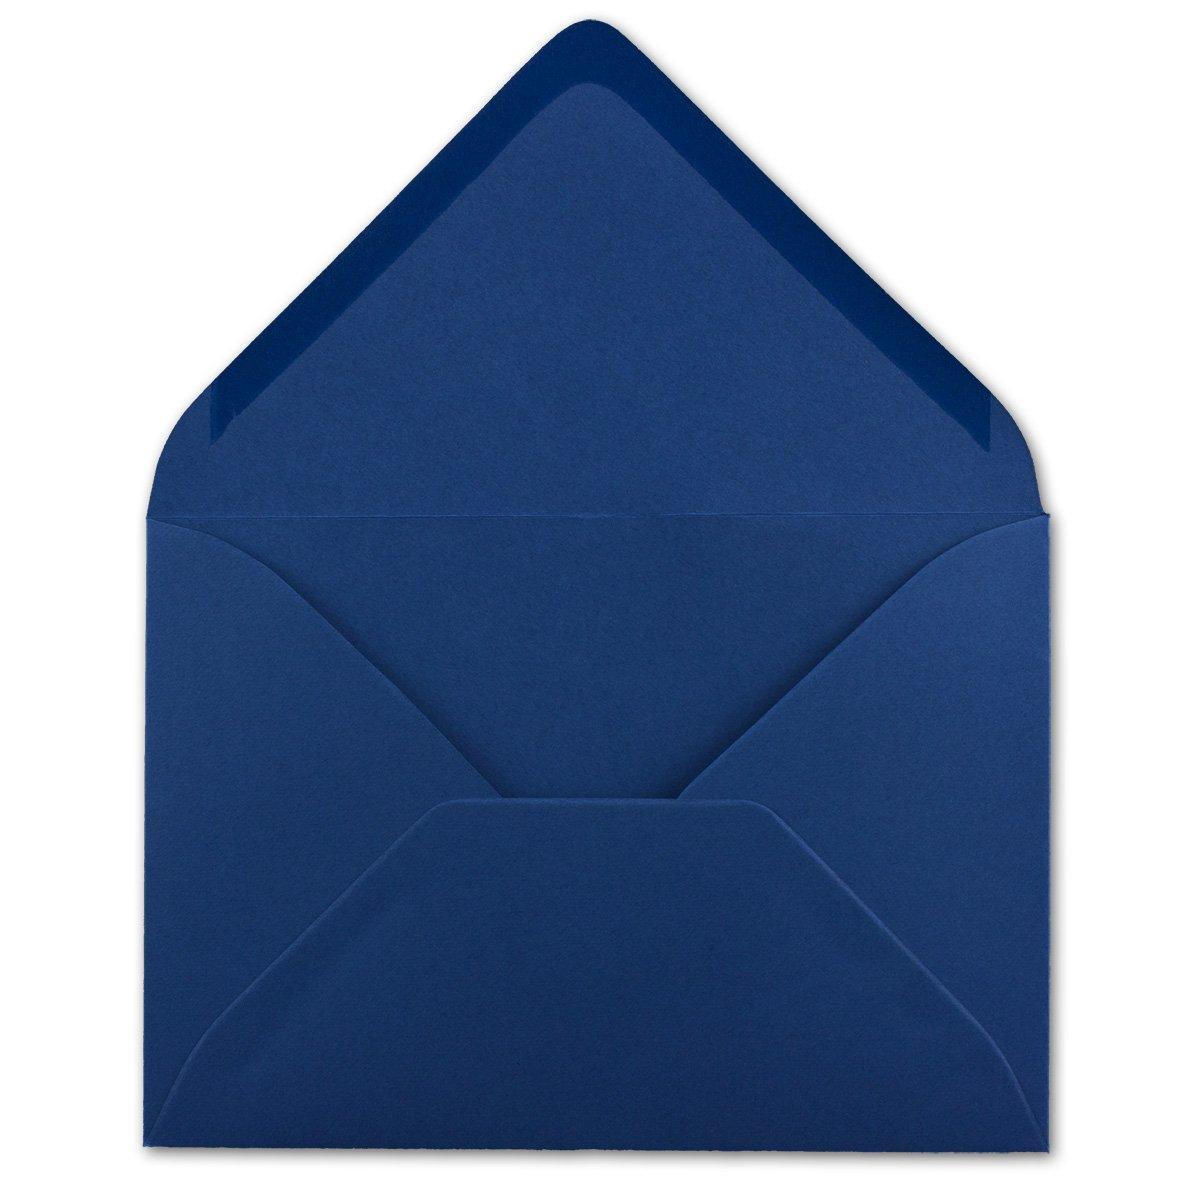 /Buste senza finestra ideale per Natale Biglietti Inviti del suo gluexx-AGENT 50/Buste DIN B6/notte blu 125/X 175/mm 80/G//M/² incollaggio Post/